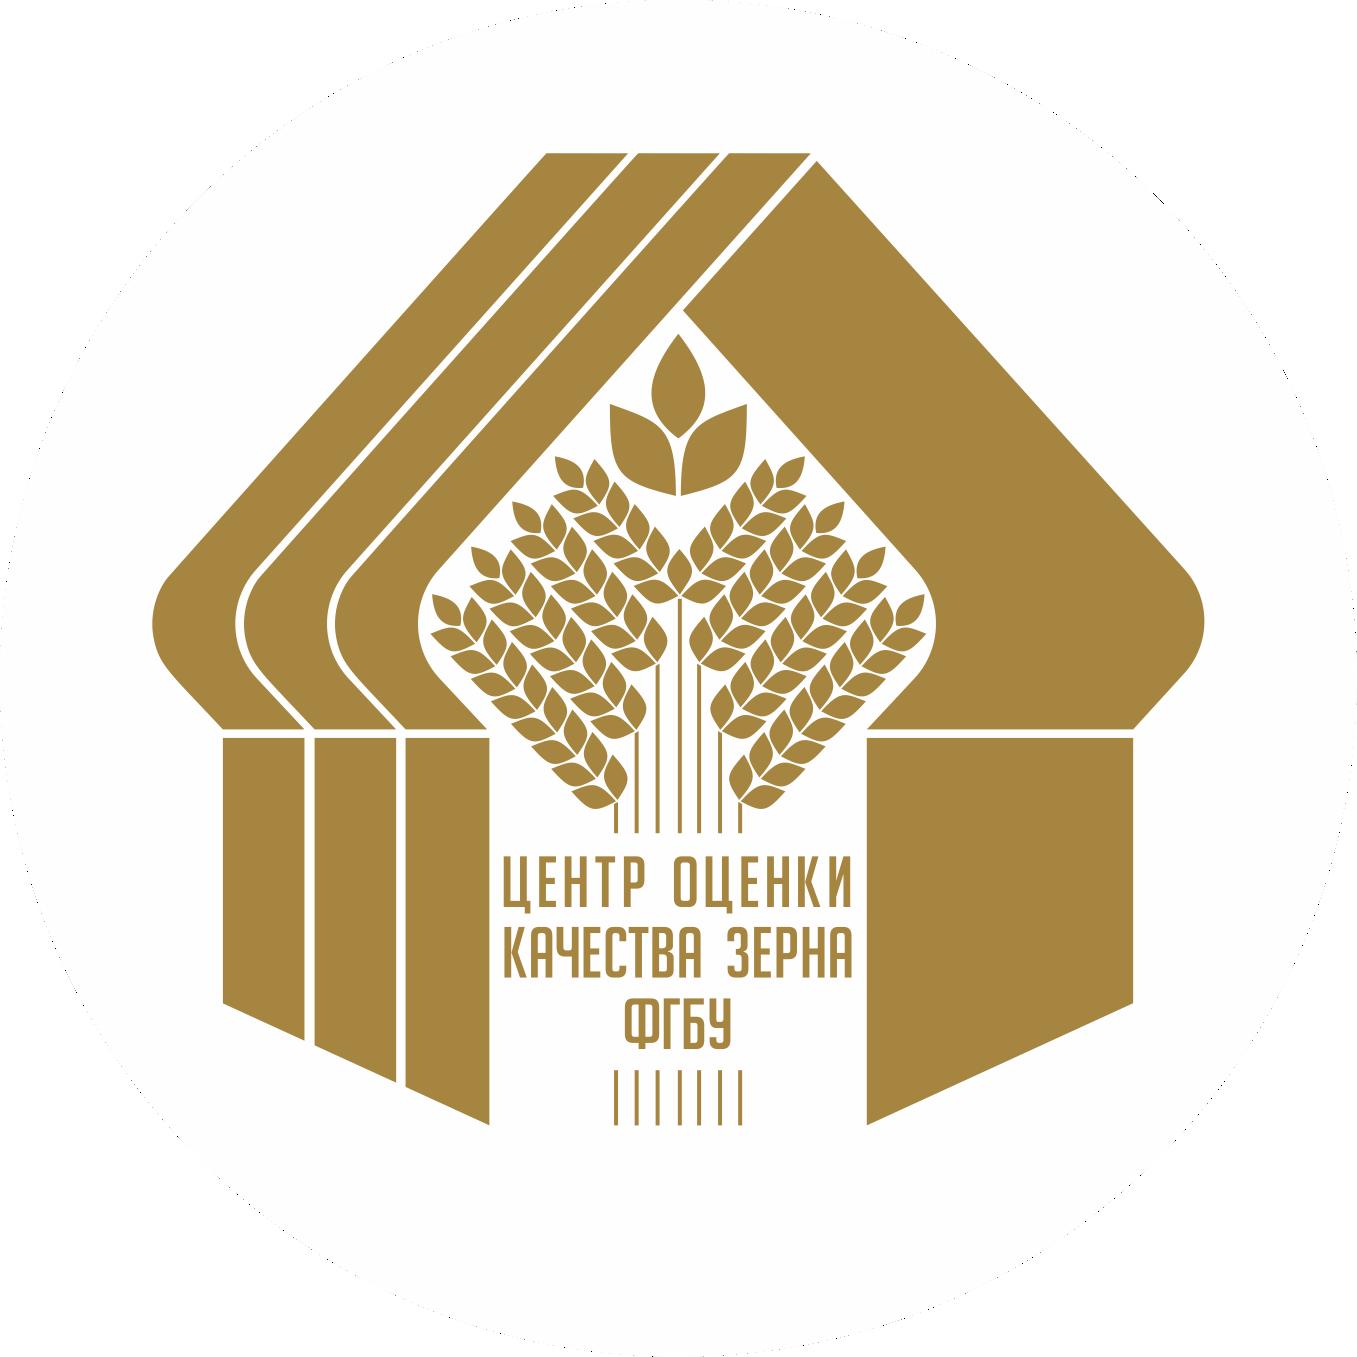 ФГБУ «Центр оценки качества зерна»